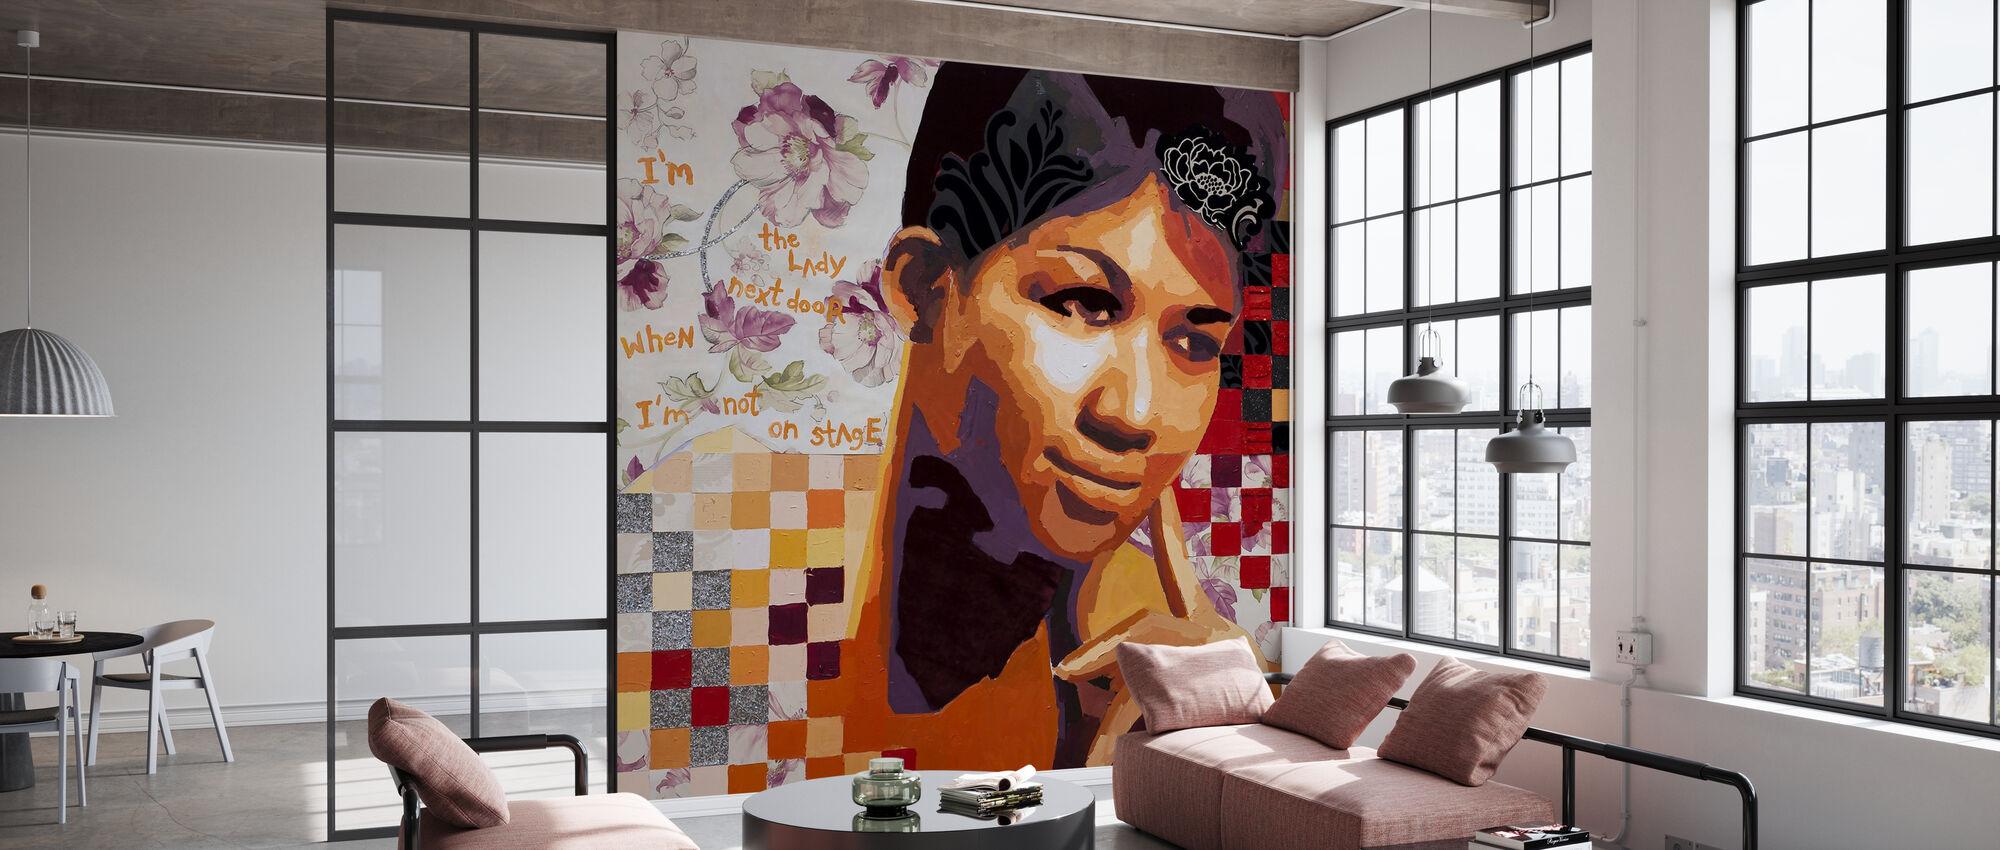 The Girl Next Door - Wallpaper - Office